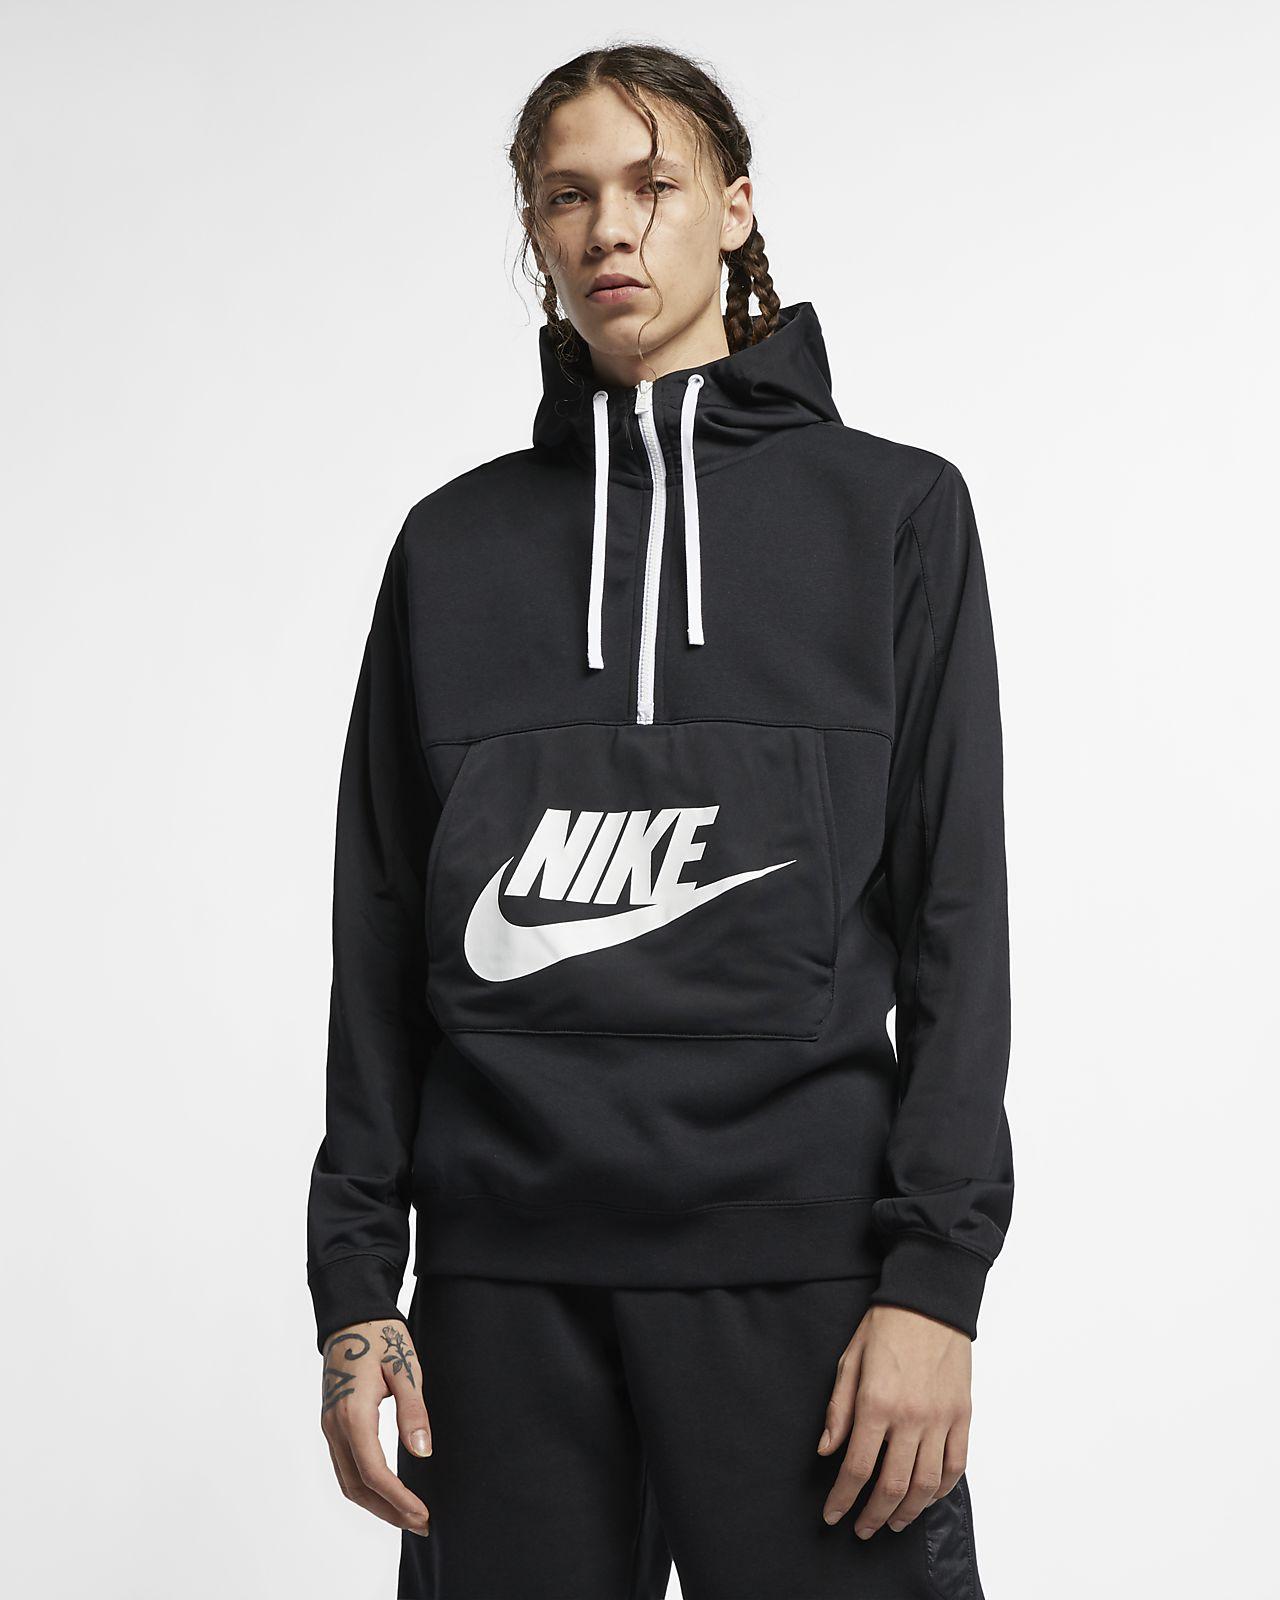 Nike Sportswear Yarım Fermuarlı Erkek Kapüşonlu Üst